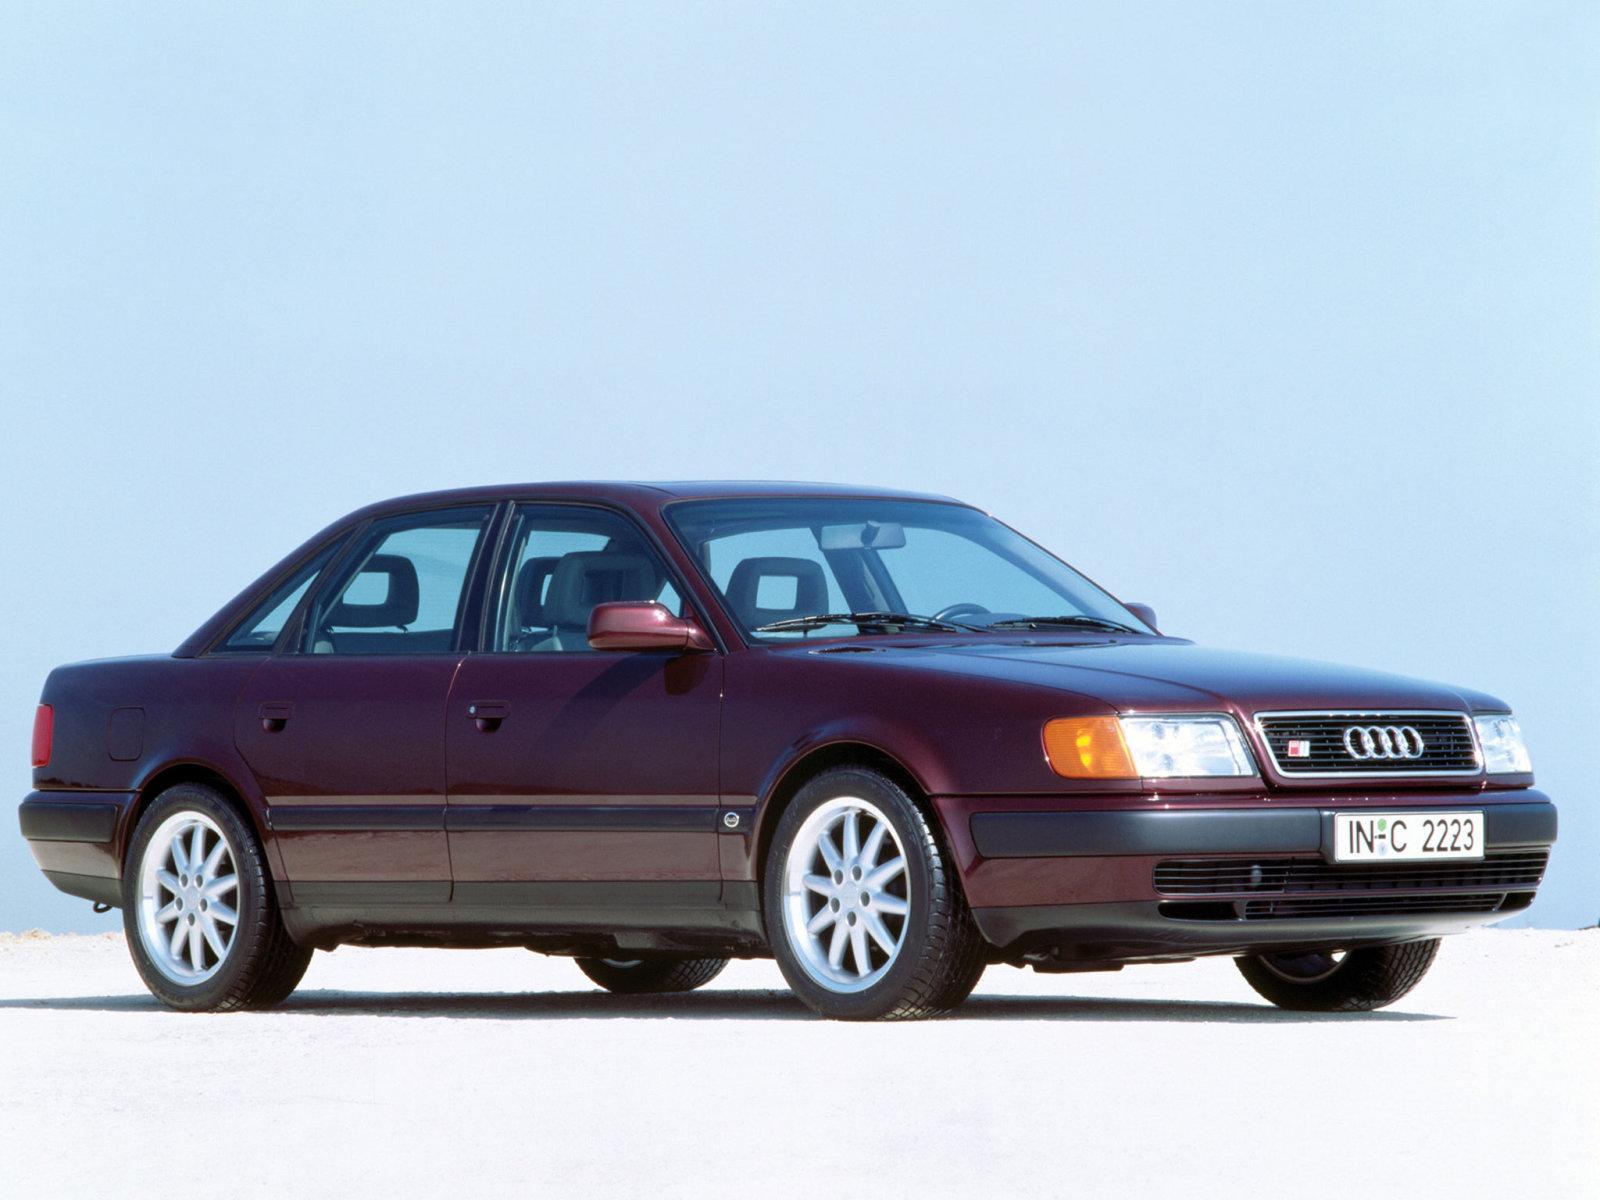 Audi 100 - это неплохой вариант для Теперь остановимся на